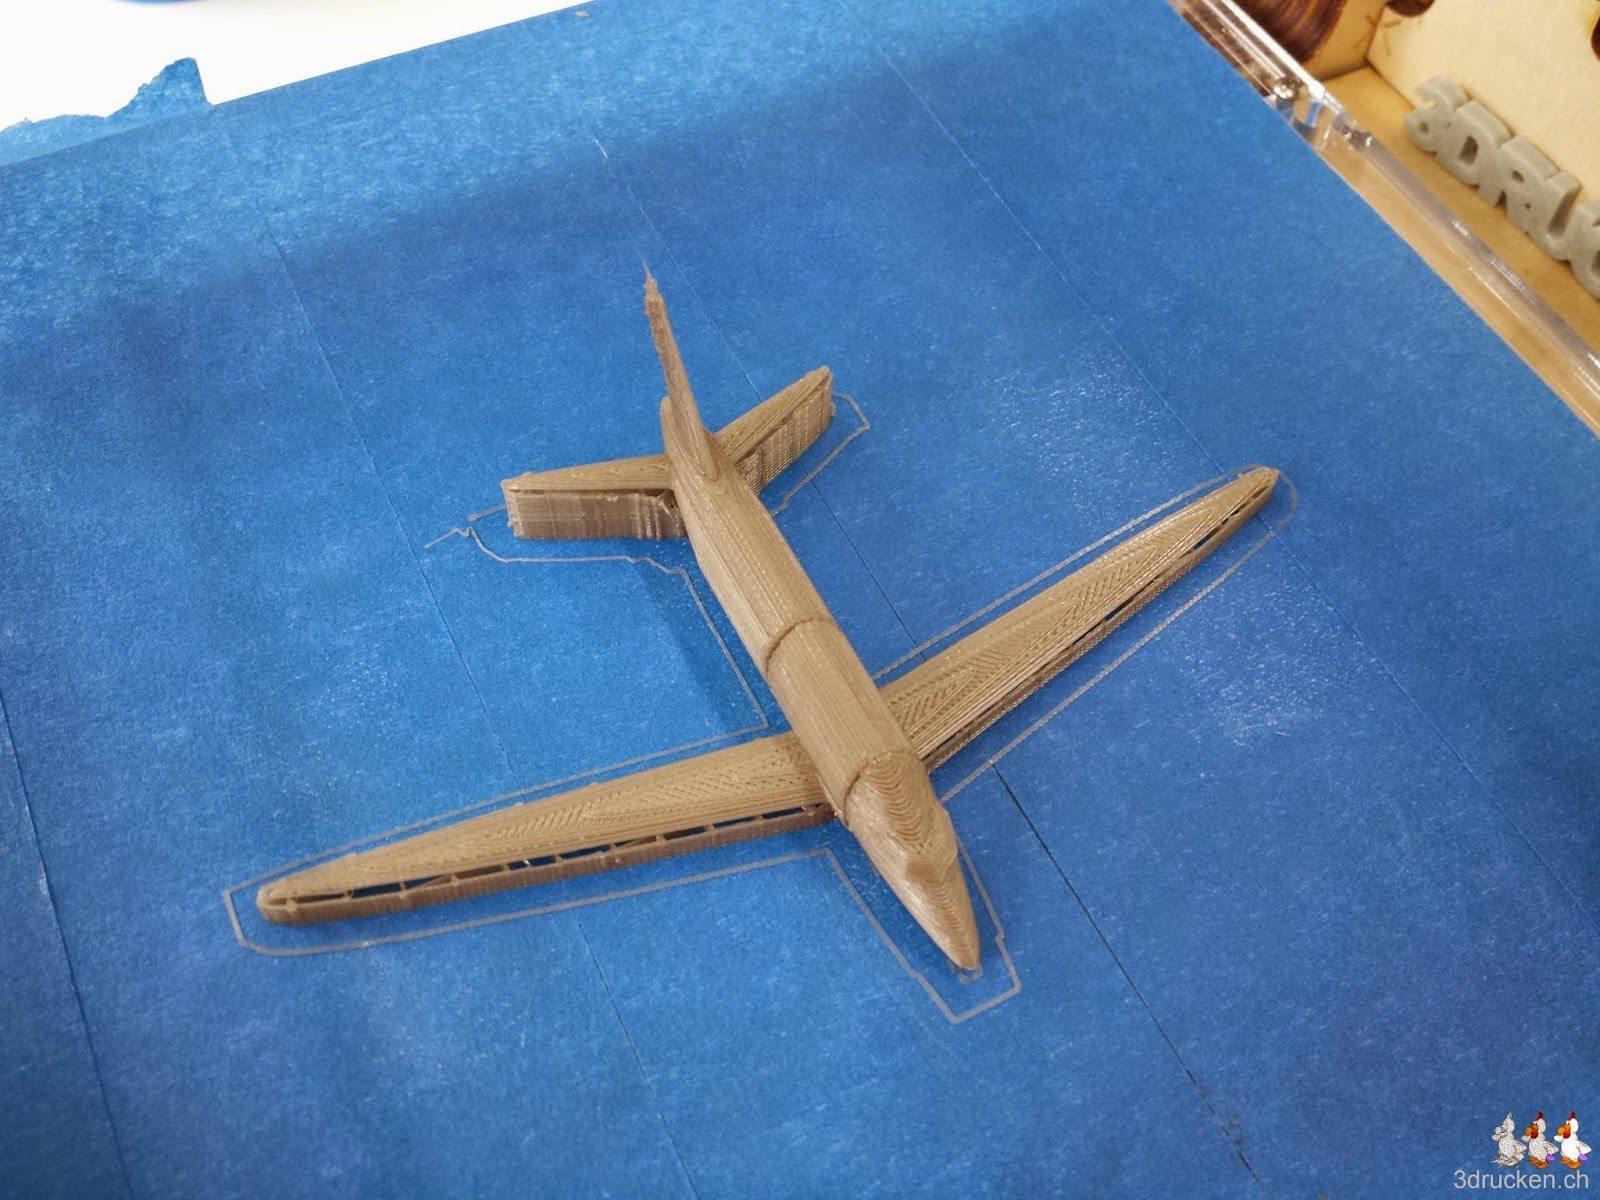 Foto des fertig gedruckten Flugzeug-Modells auf dem Drucktisch des Ultimaker Original